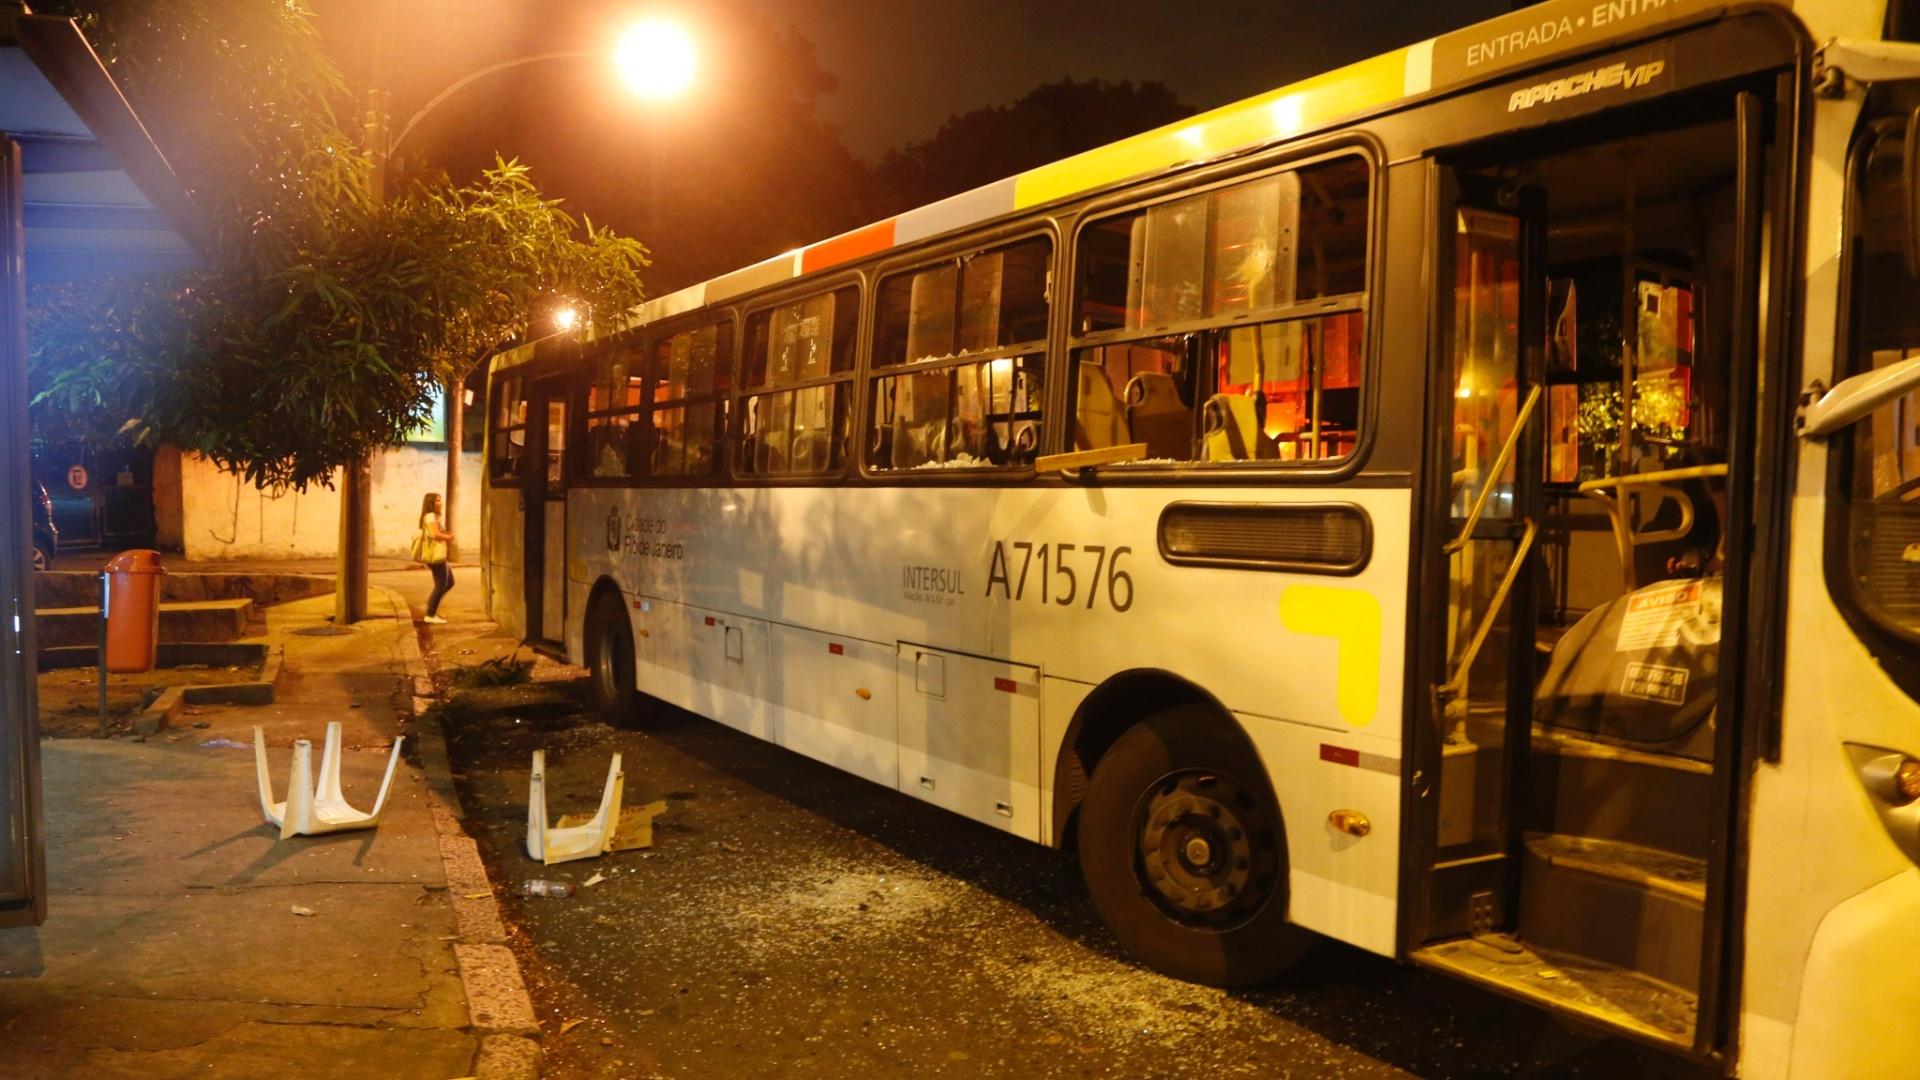 9.fev.2015 - Policiais da UPP (Unidade de Polícia Pacificadora) da favela do Salgueiro, na Tijuca, na zona norte do Rio de Janeiro, foram atacados a tiros por traficantes de drogas na noite desta segunda-feira (9). Durante o confronto, um suspeito morreu e dois policiais ficaram feridos após serem atingidos por disparos. Passado o confronto, um grupo de vândalos depredou um ponto de ônibus em uma rua próxima à comunidade. Um veículo teve os vidros quebrados